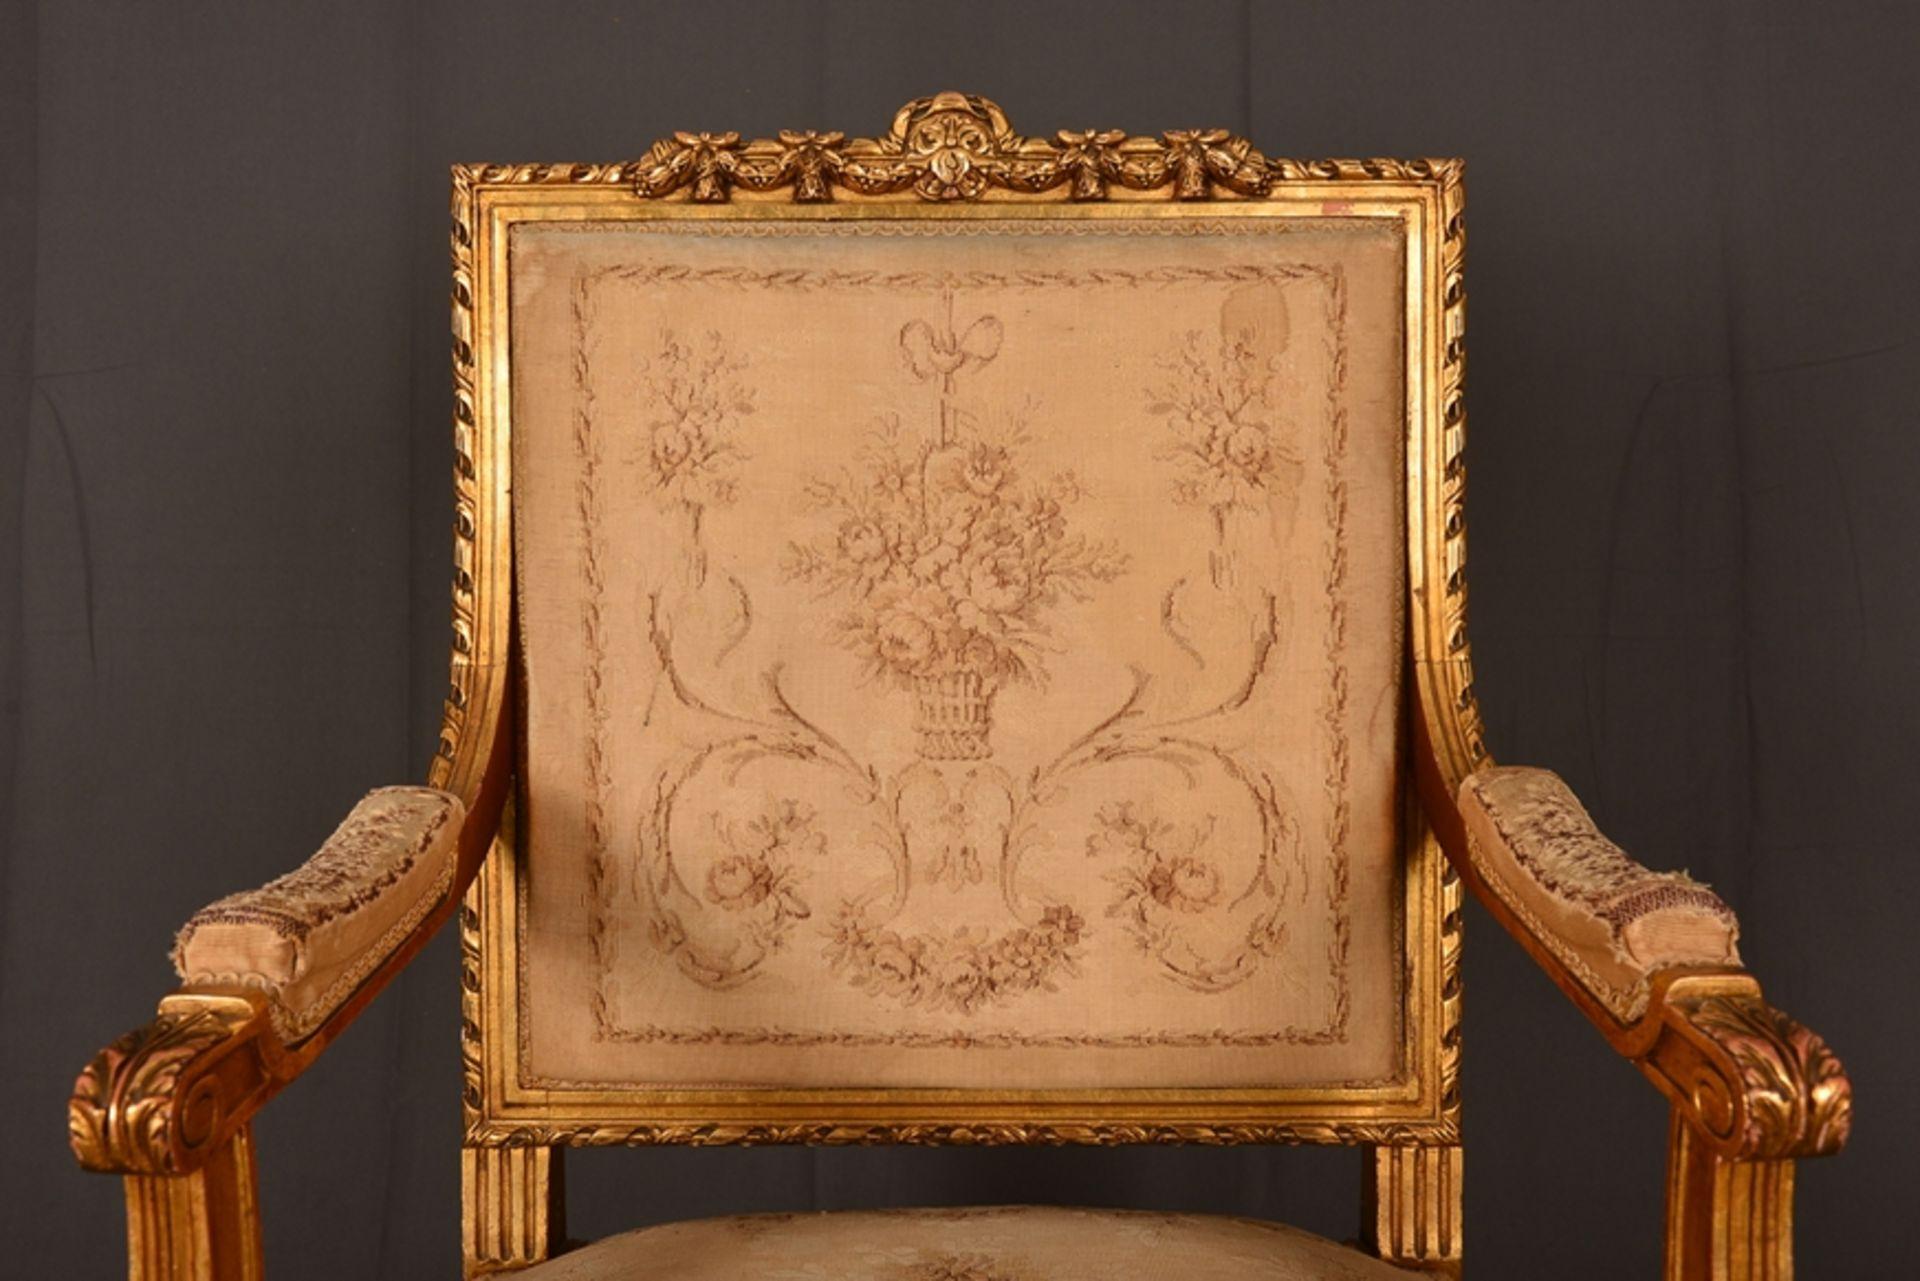 Eleganter Armlehnstuhl sog. Fauteuil, Louis XVI-Stil, Frankreich um 1890, originale Stoffbespannung, - Bild 2 aus 12